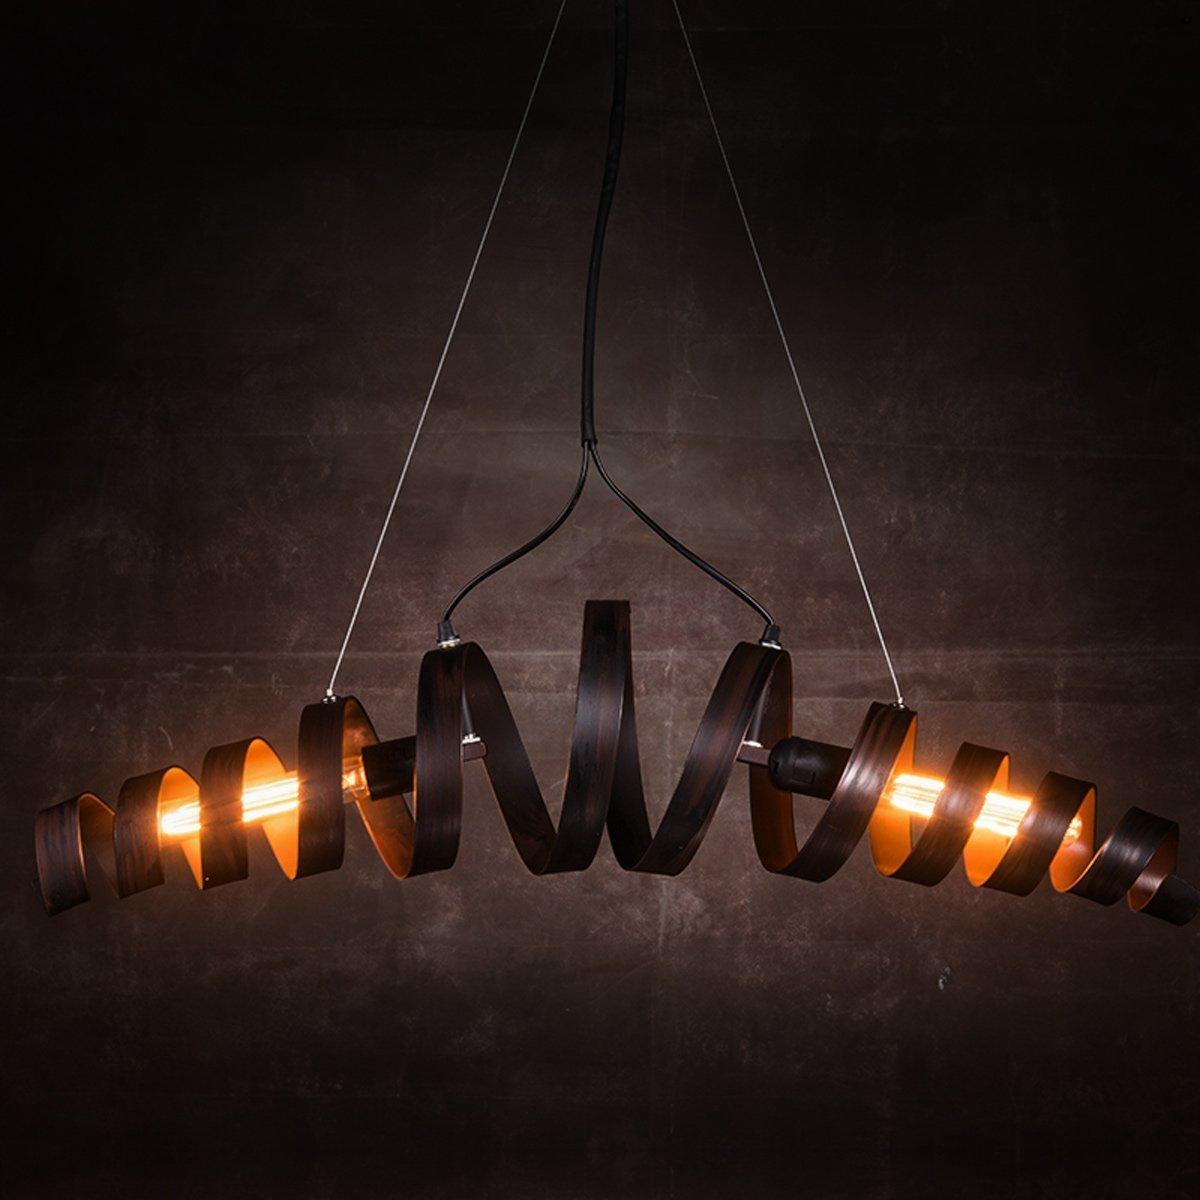 KJLARS Lámpara LED Lámpara de Techo Vintage Colgante de Luces E27 Bombilla, lámpara de estilo industrial Iluminación colgante Es Adecuado para Cocina, ...